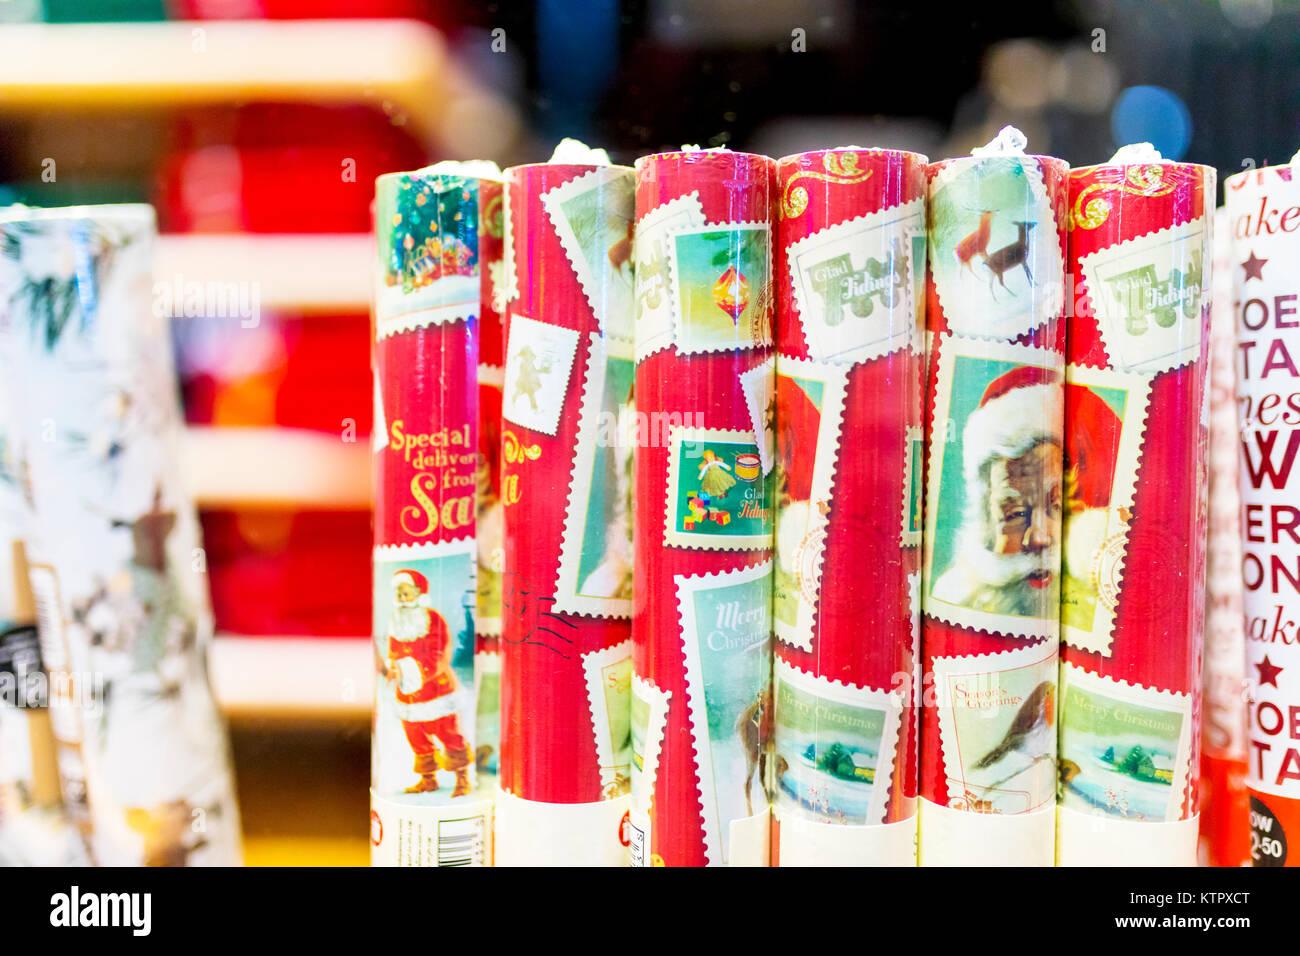 Walzen Der Traditionelle Weihnachten Geschenkpapier In Schrumpffolie